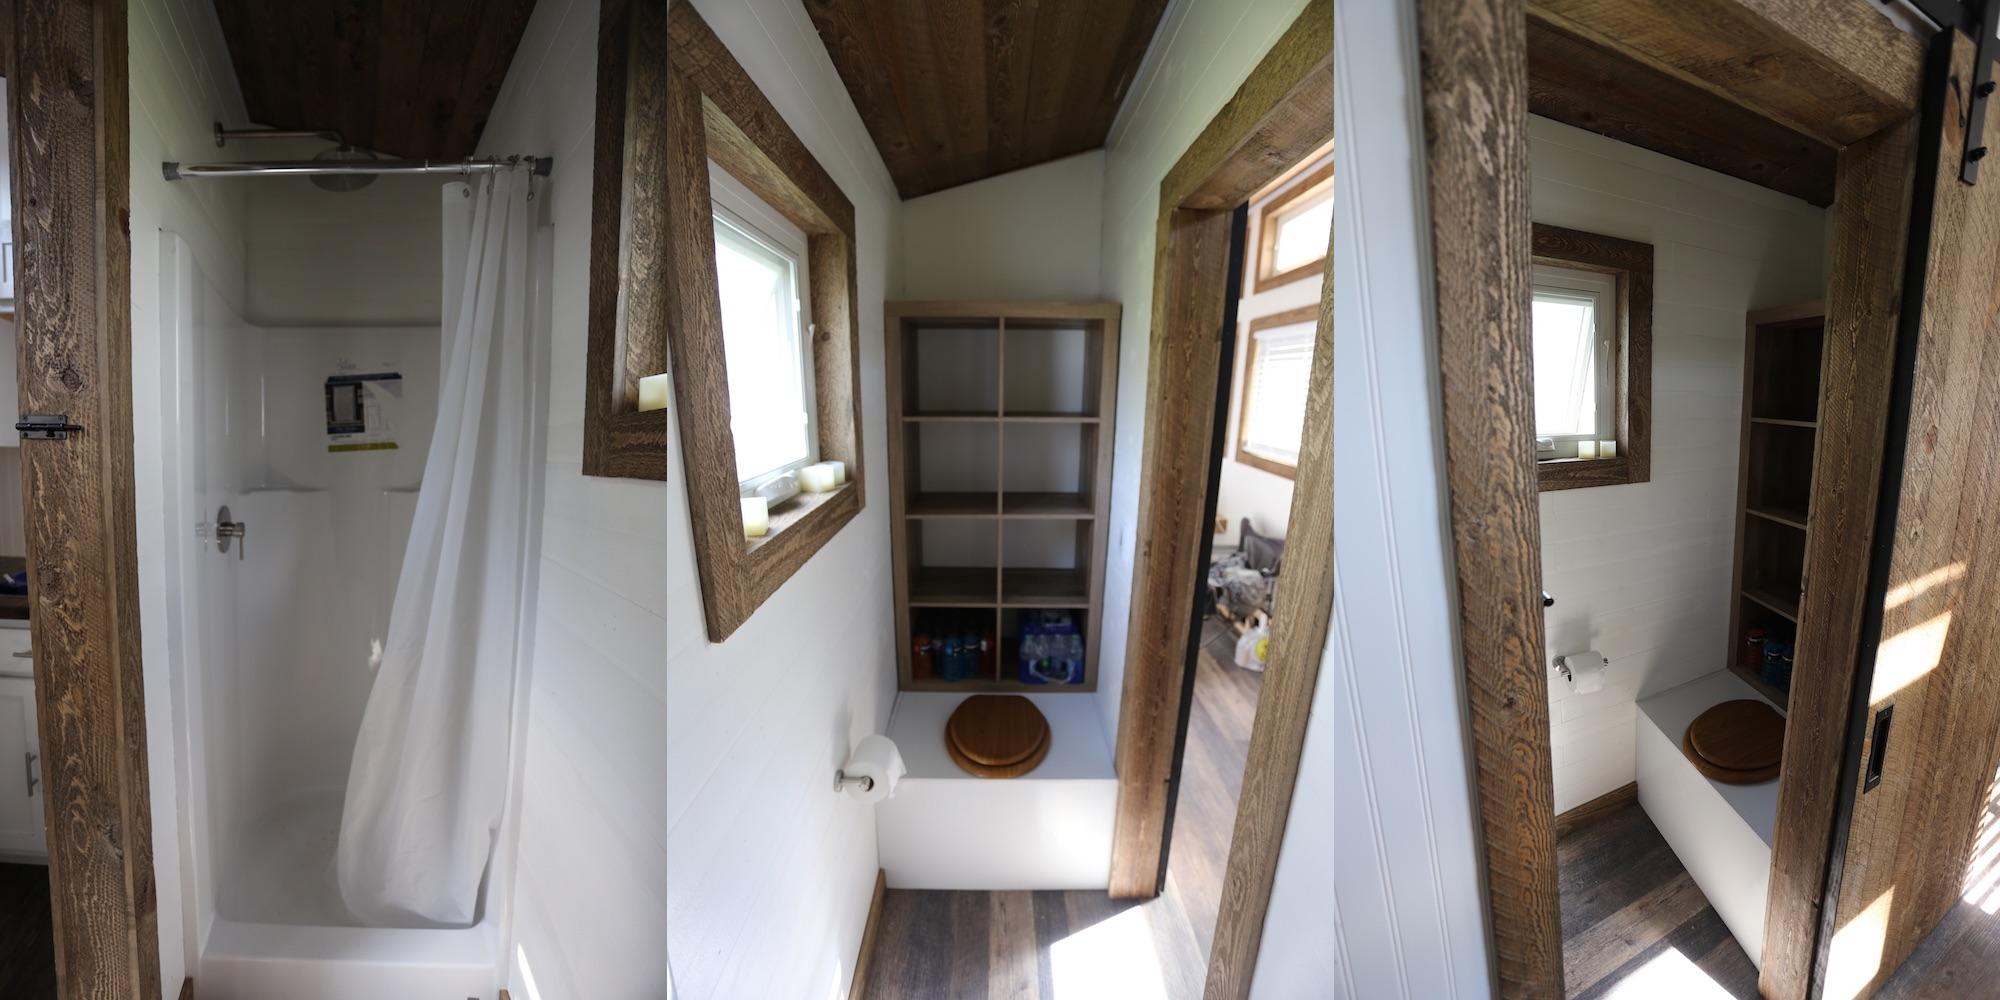 Tiny House: Bathroom